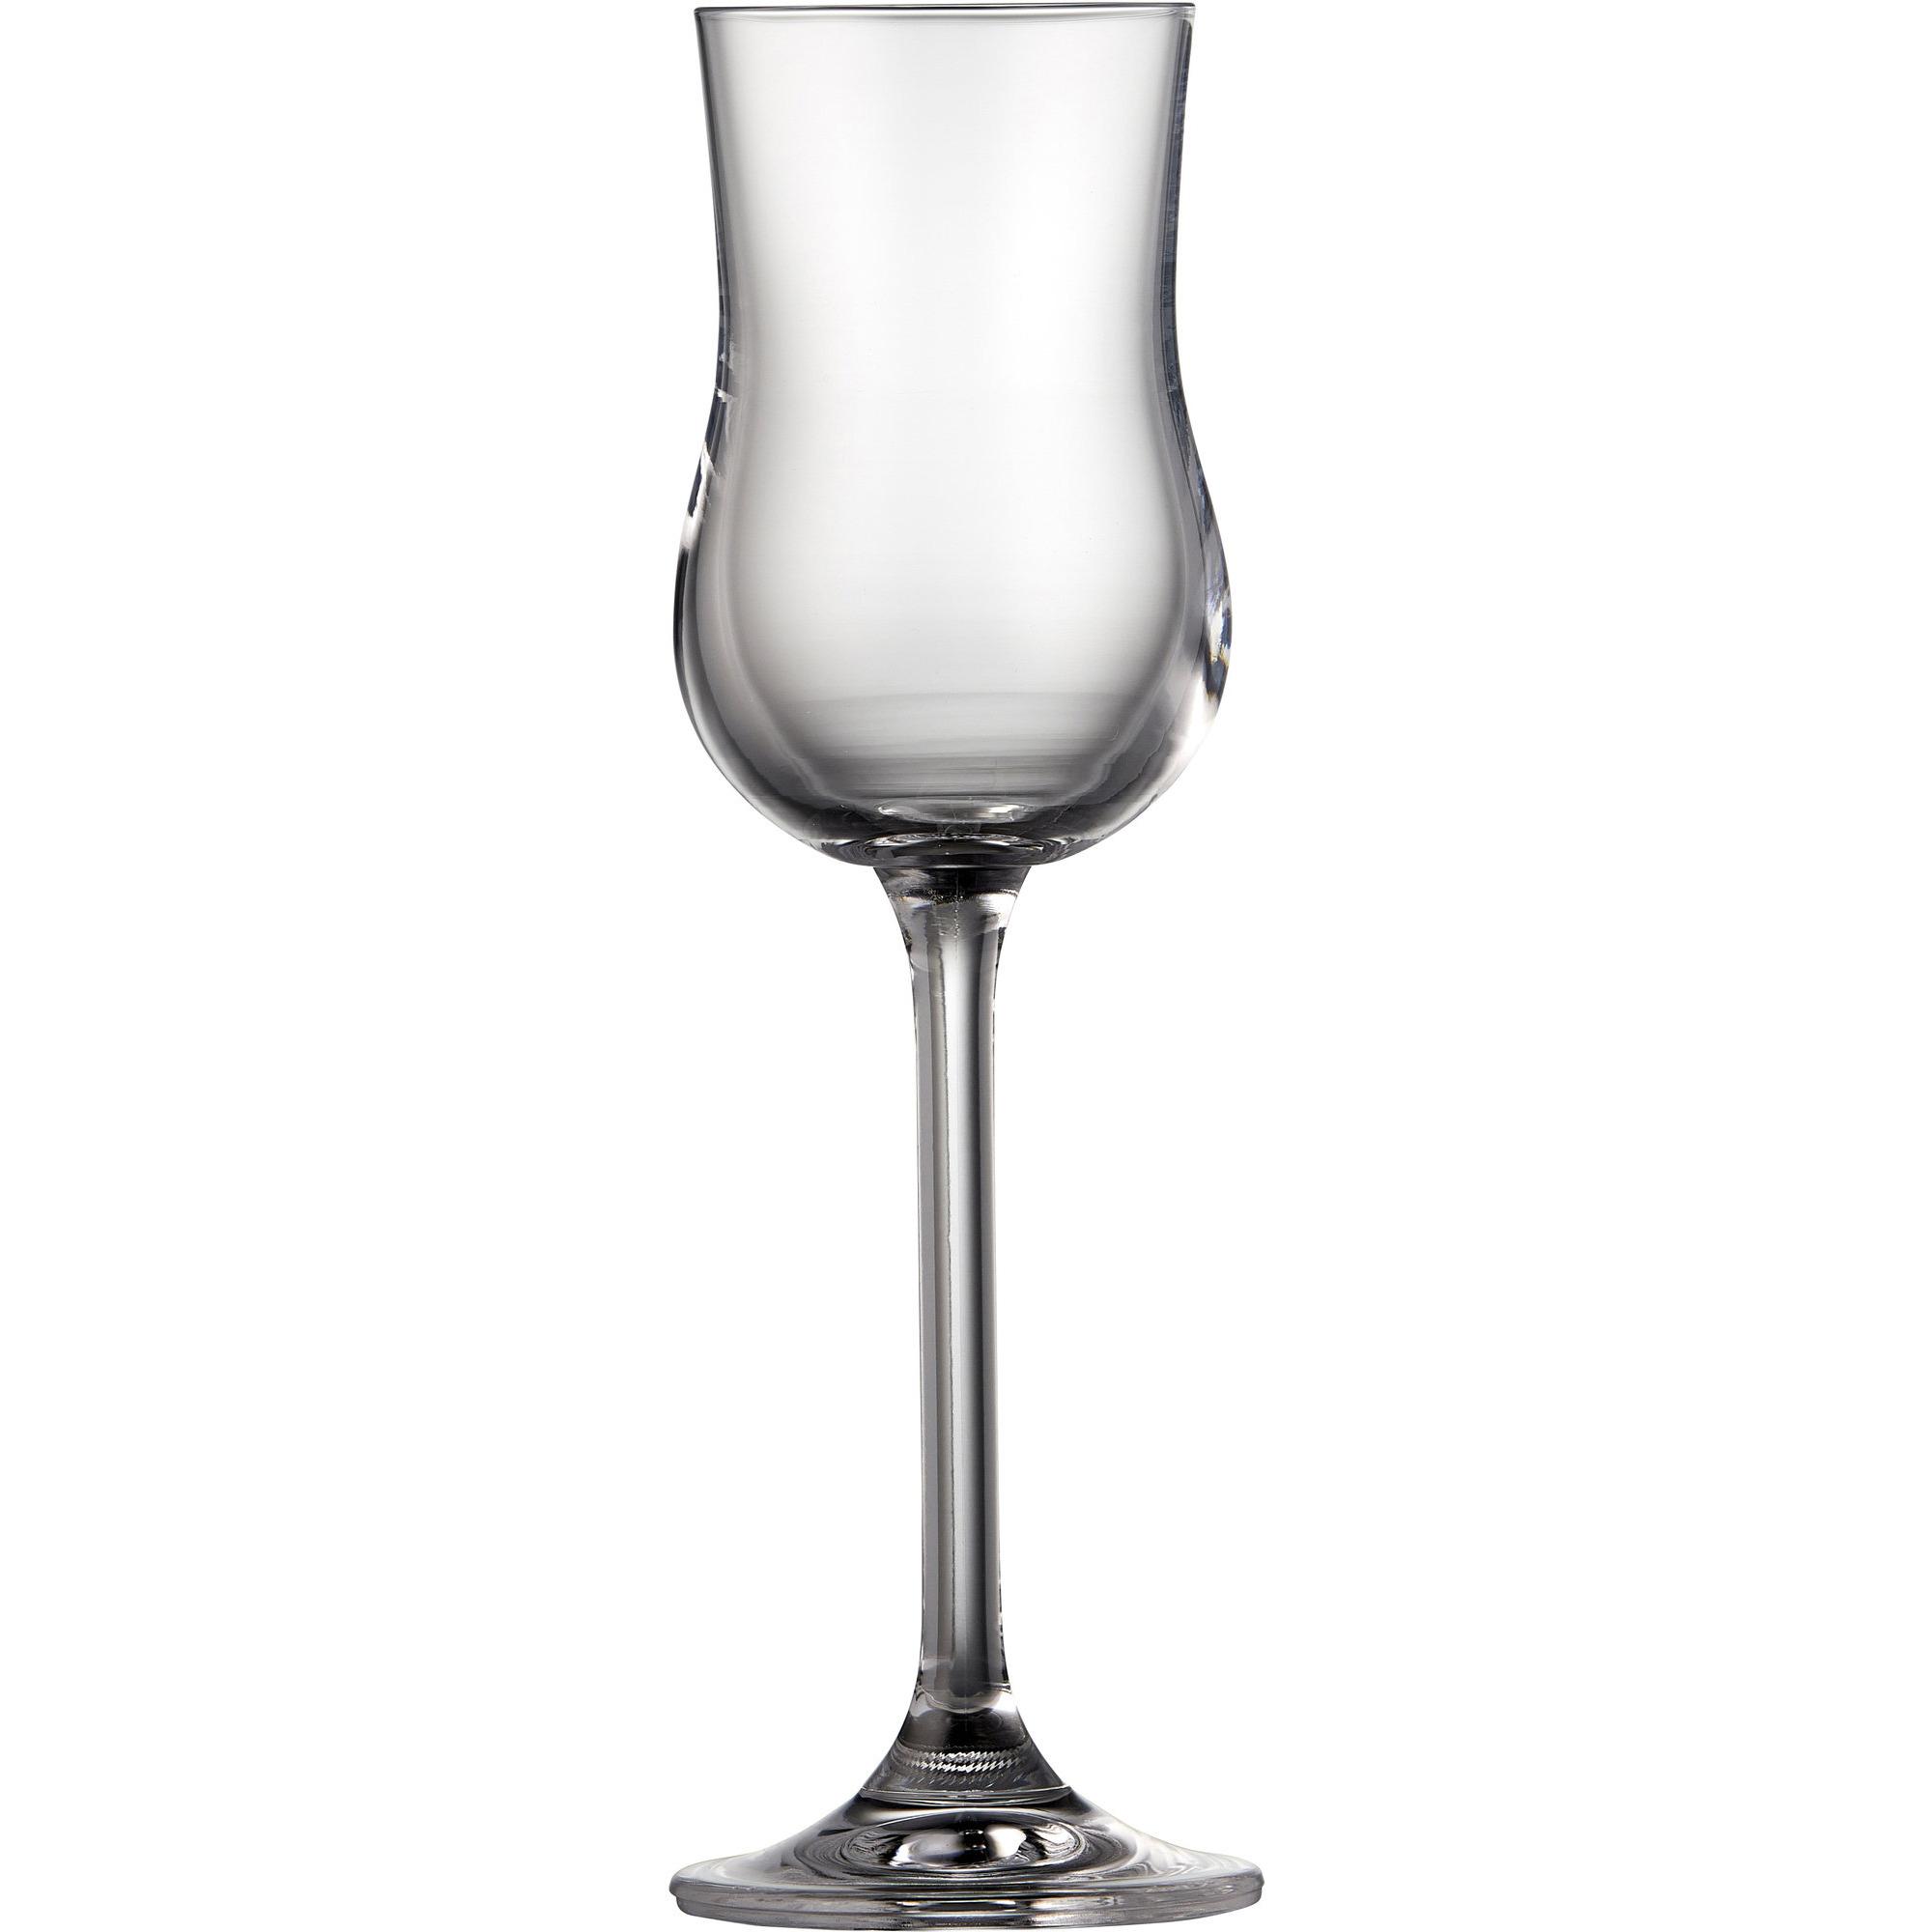 Lyngby Glas Juvel Portvinsglas 6 st